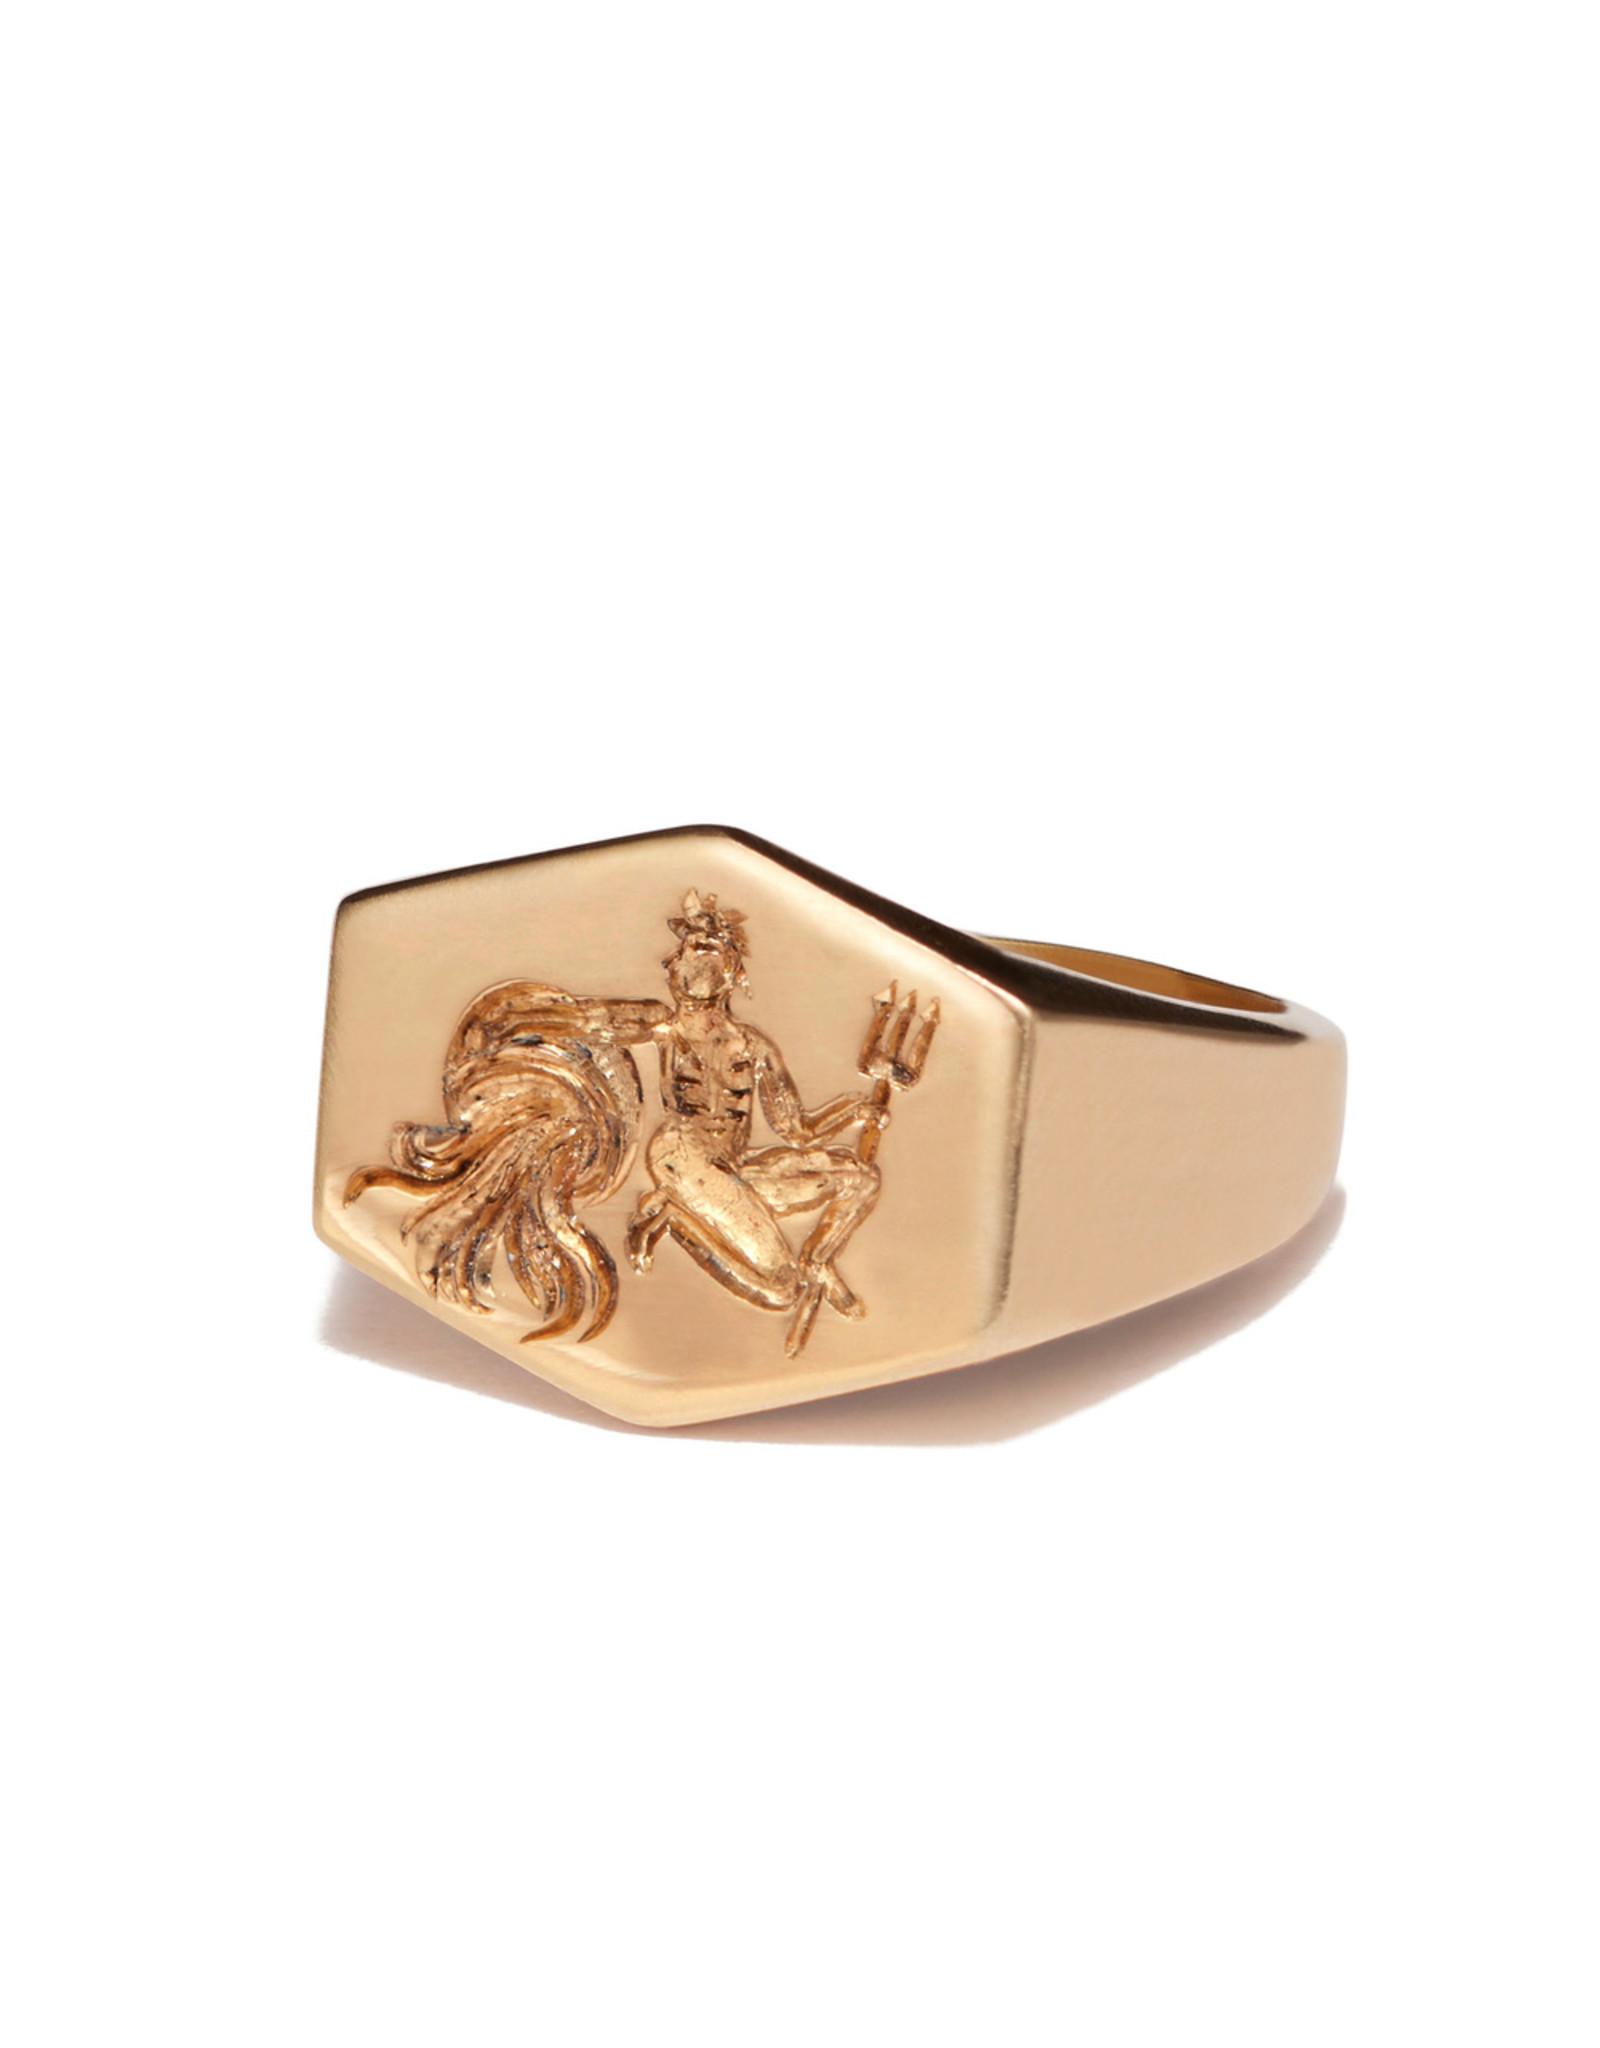 Kim Dunham Kim Dunham Zodiac Sign Gold Rings (Size: 6, Zodiac Sign: Aquarius, Color: Yellow Gold)